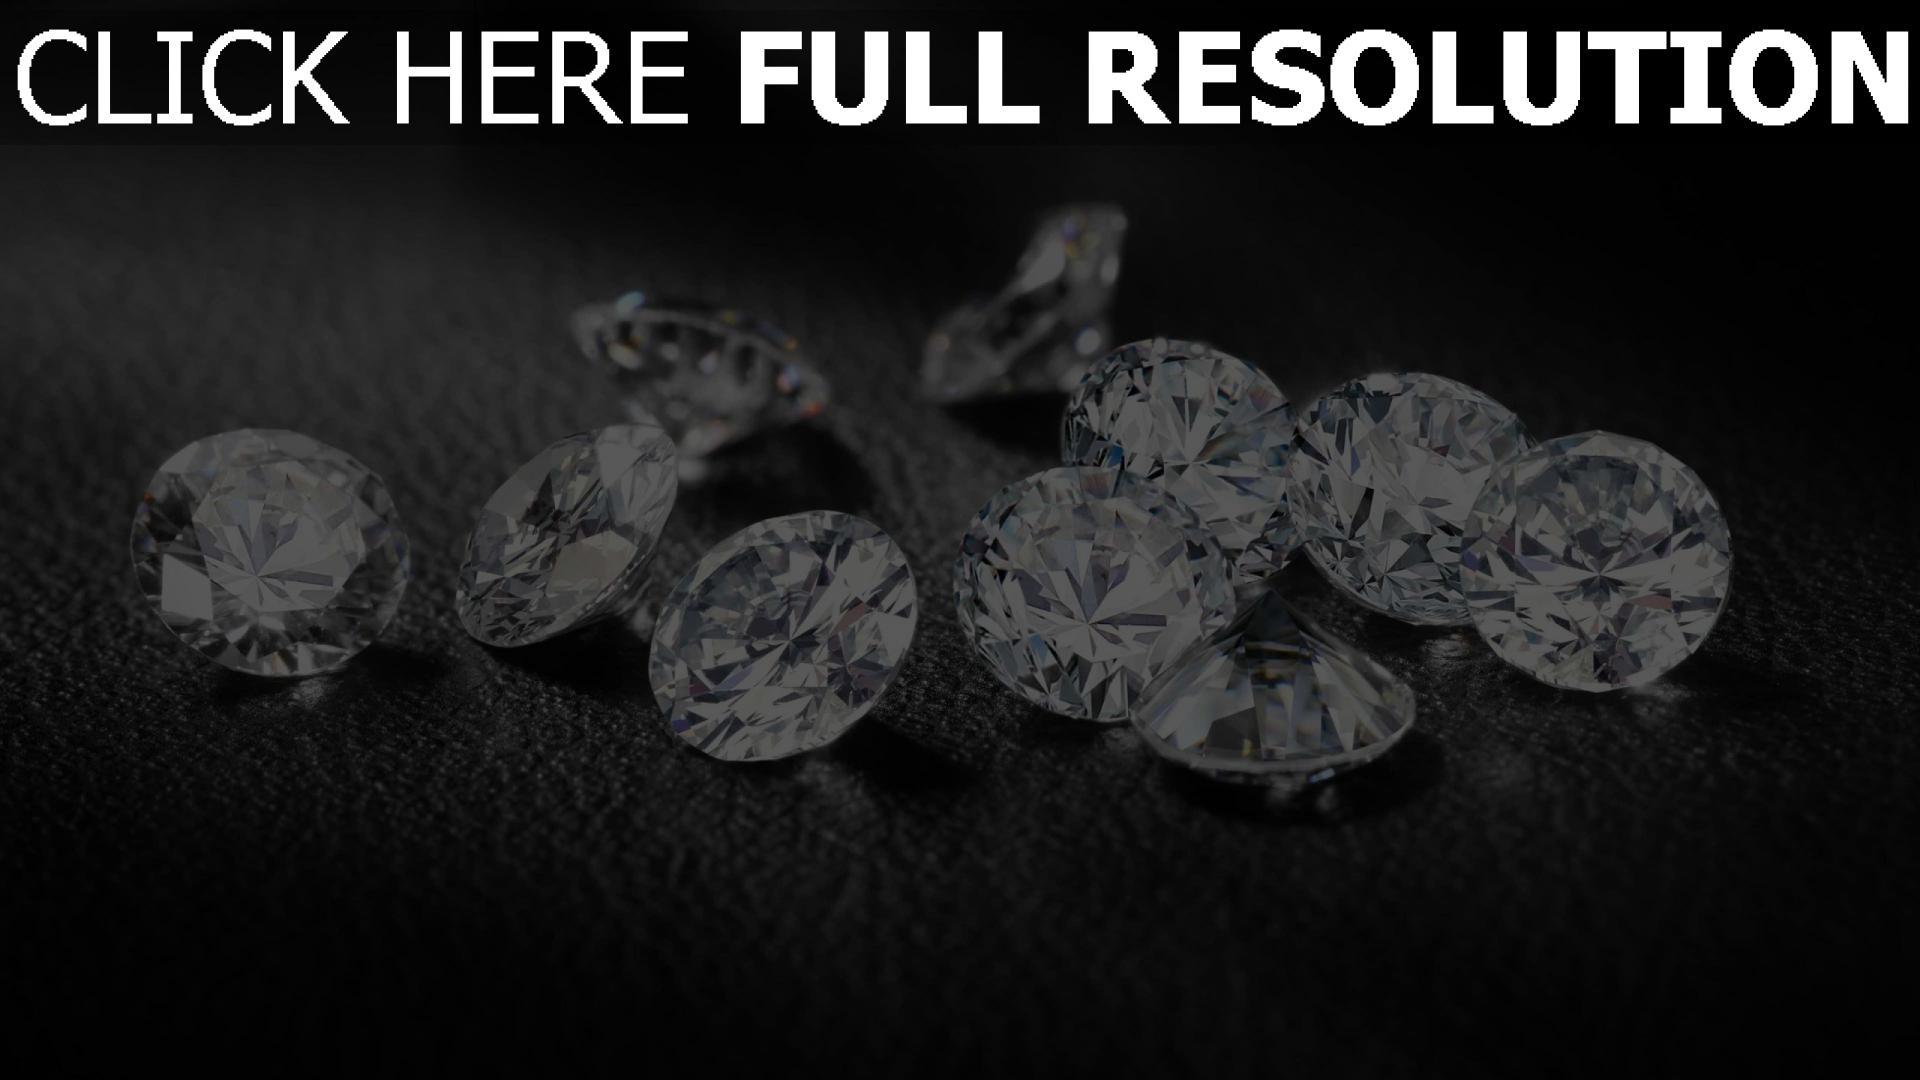 fond d'écran 1920x1080 diamant précieux gros plan